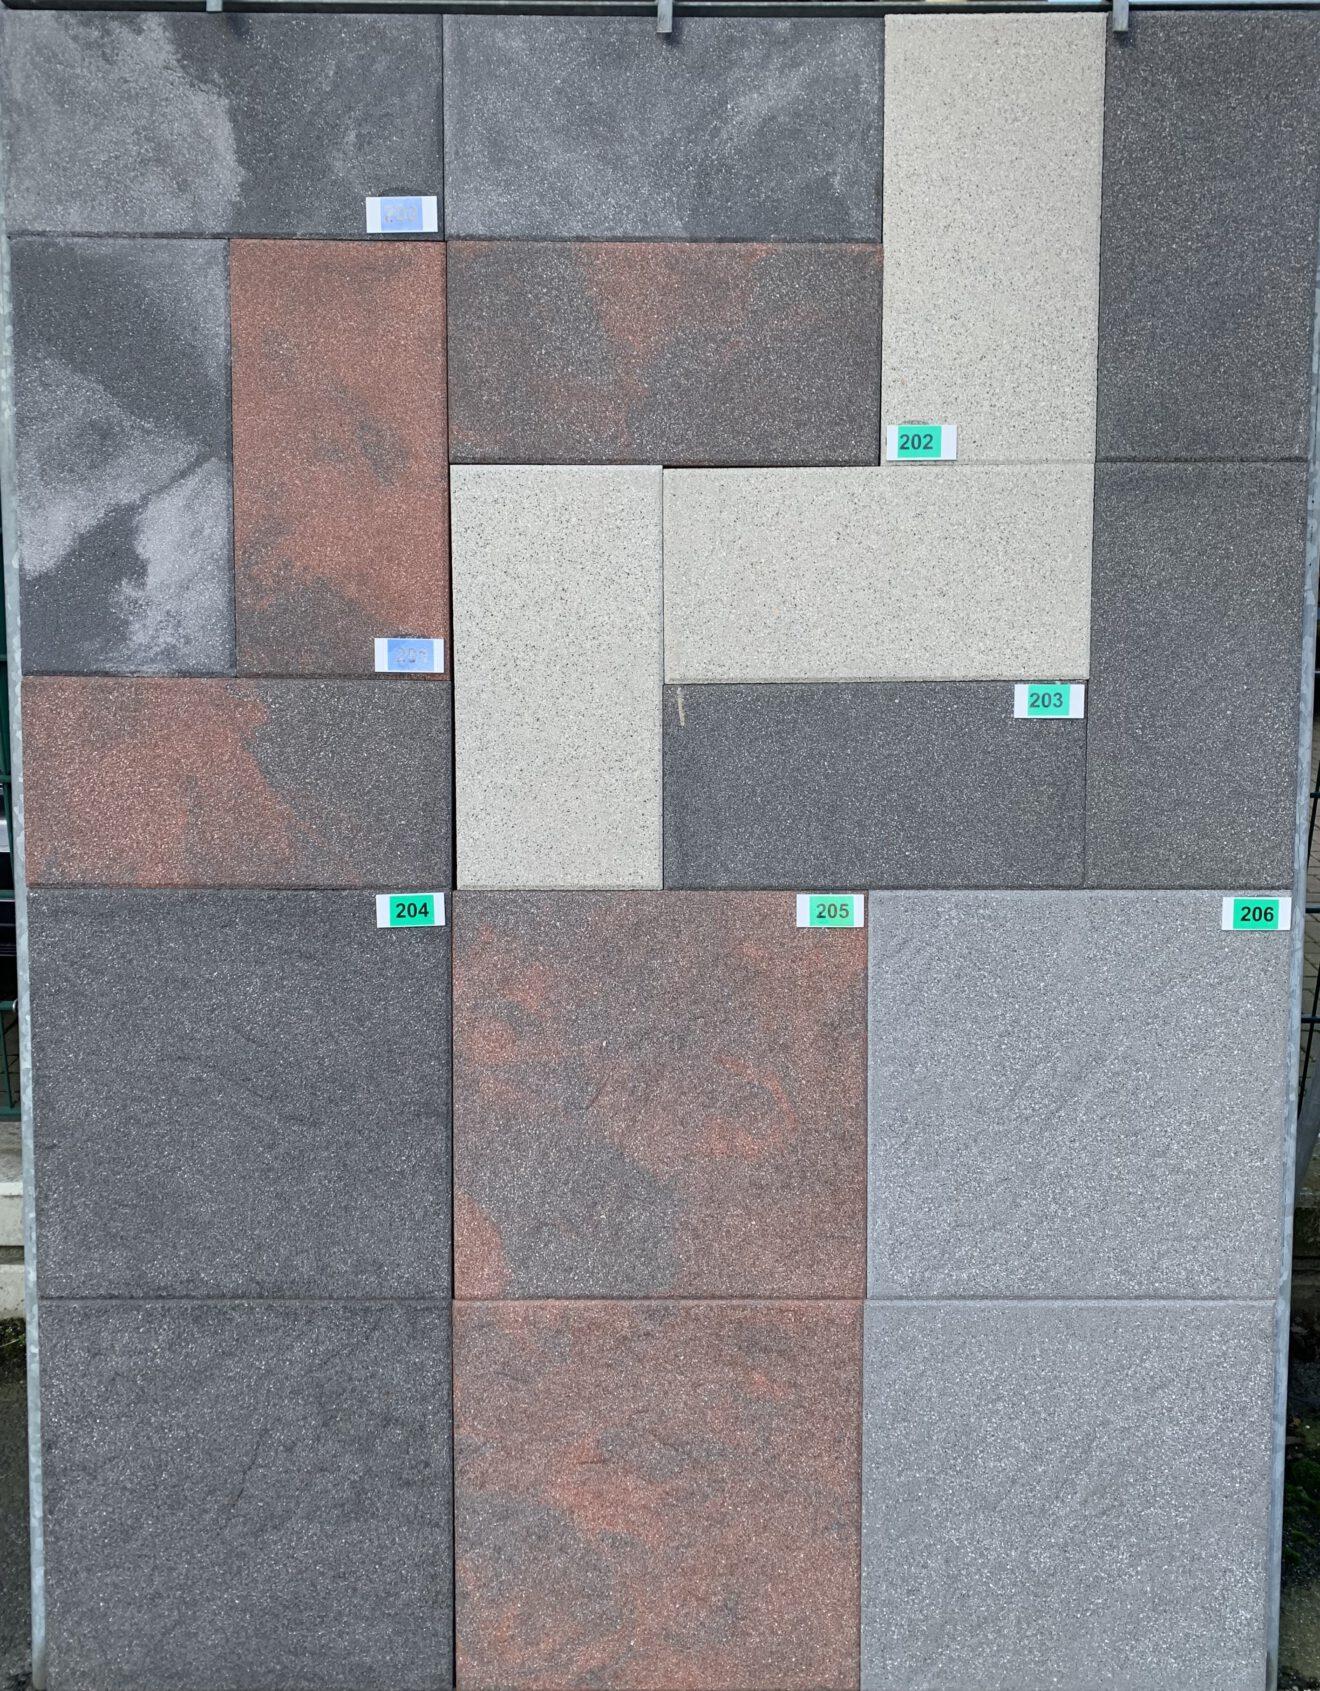 Terrassenplatte Navagranit grau bei Stolzenbach Baustoffe in Bremen kaufen